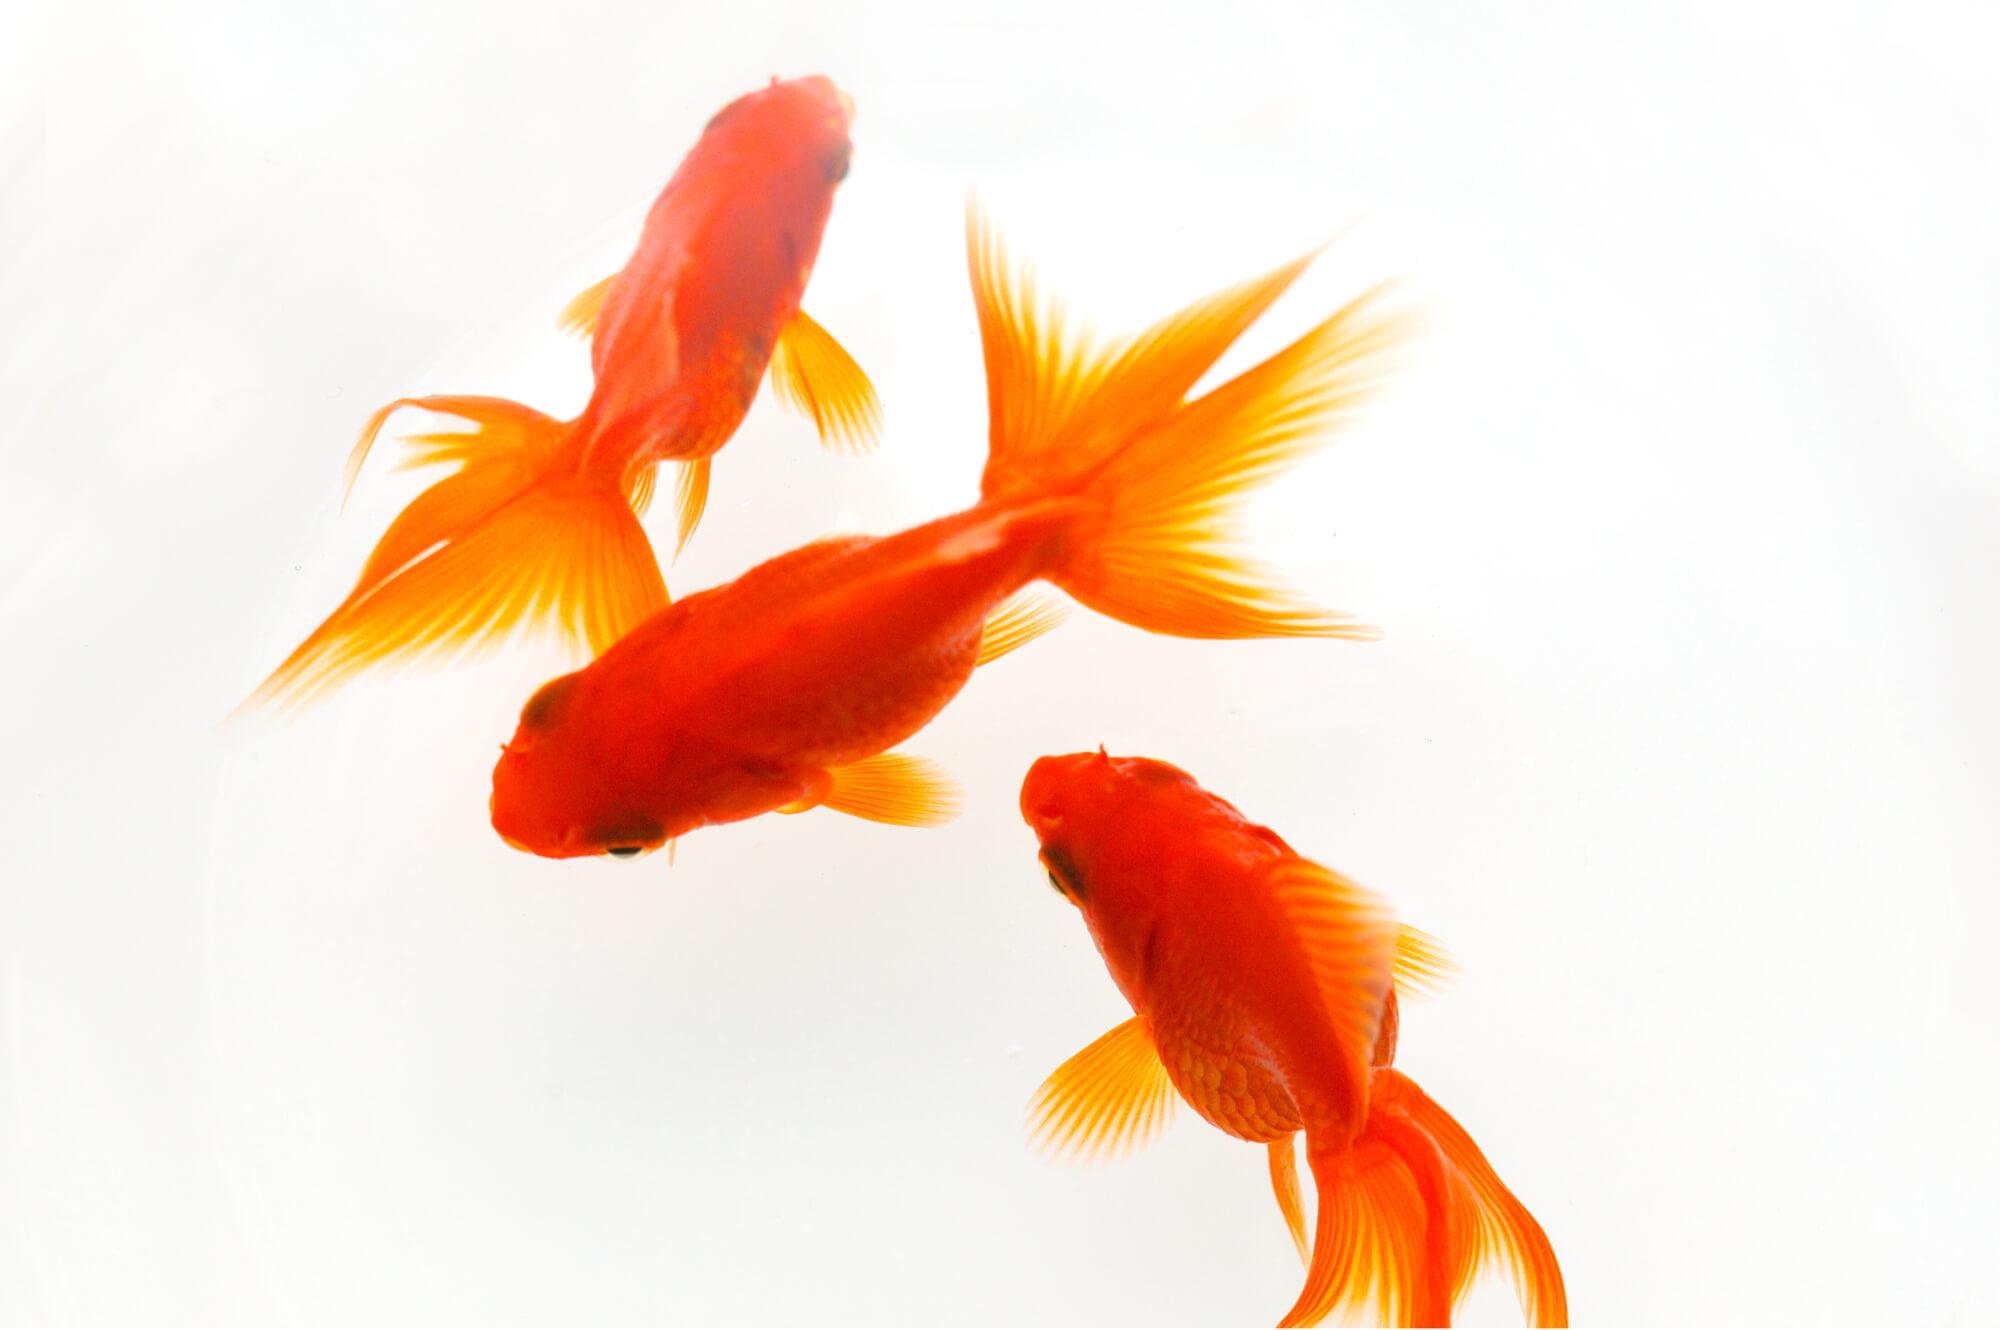 複数の金魚